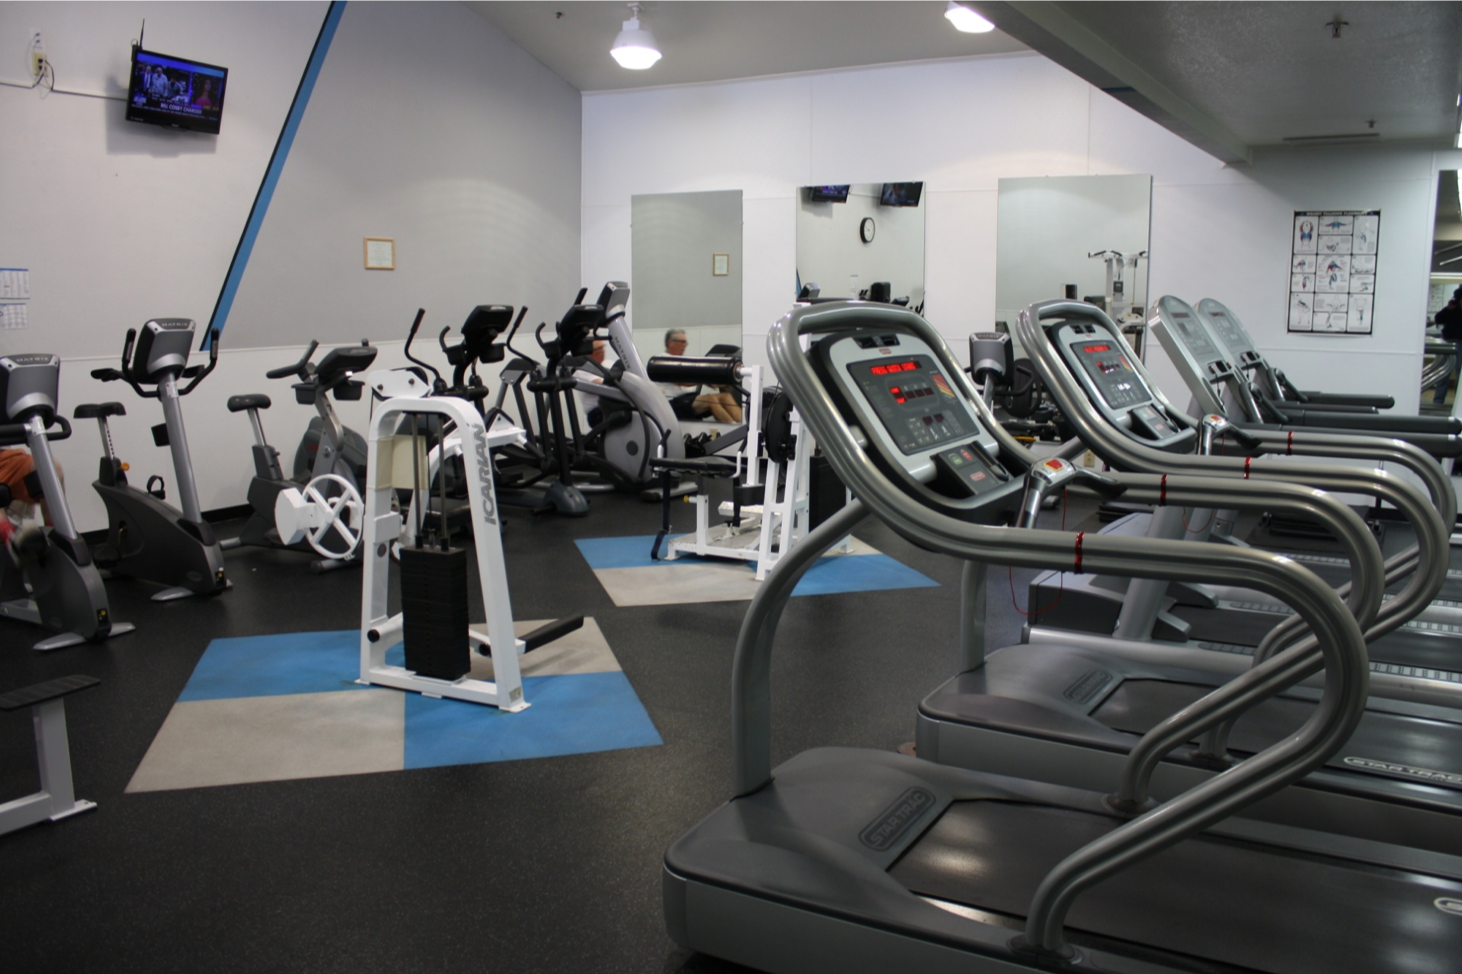 13 Fitness Center